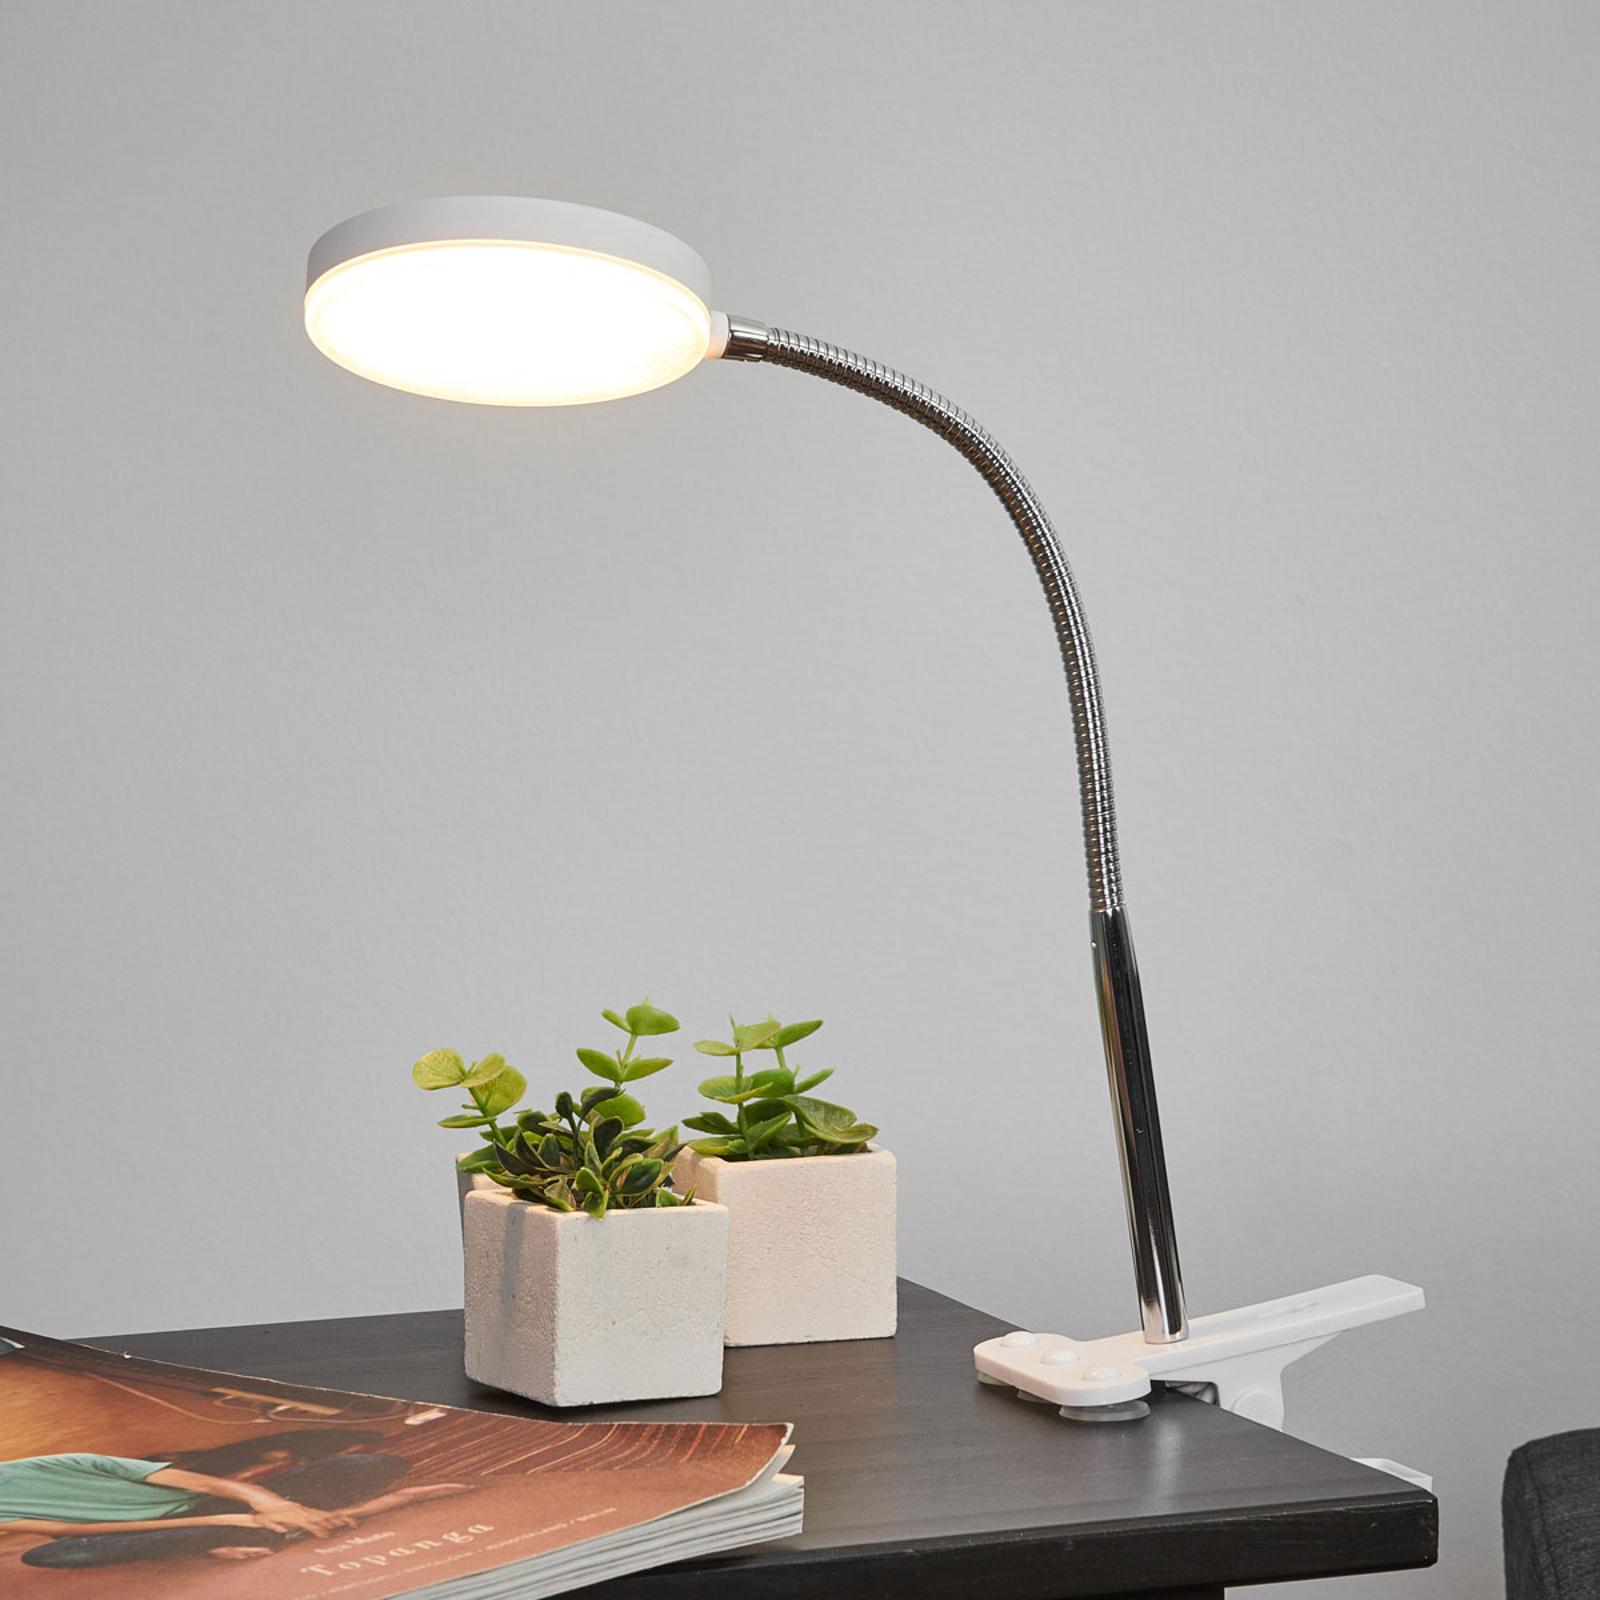 Klämbordslampa Milow med LED och flexarm